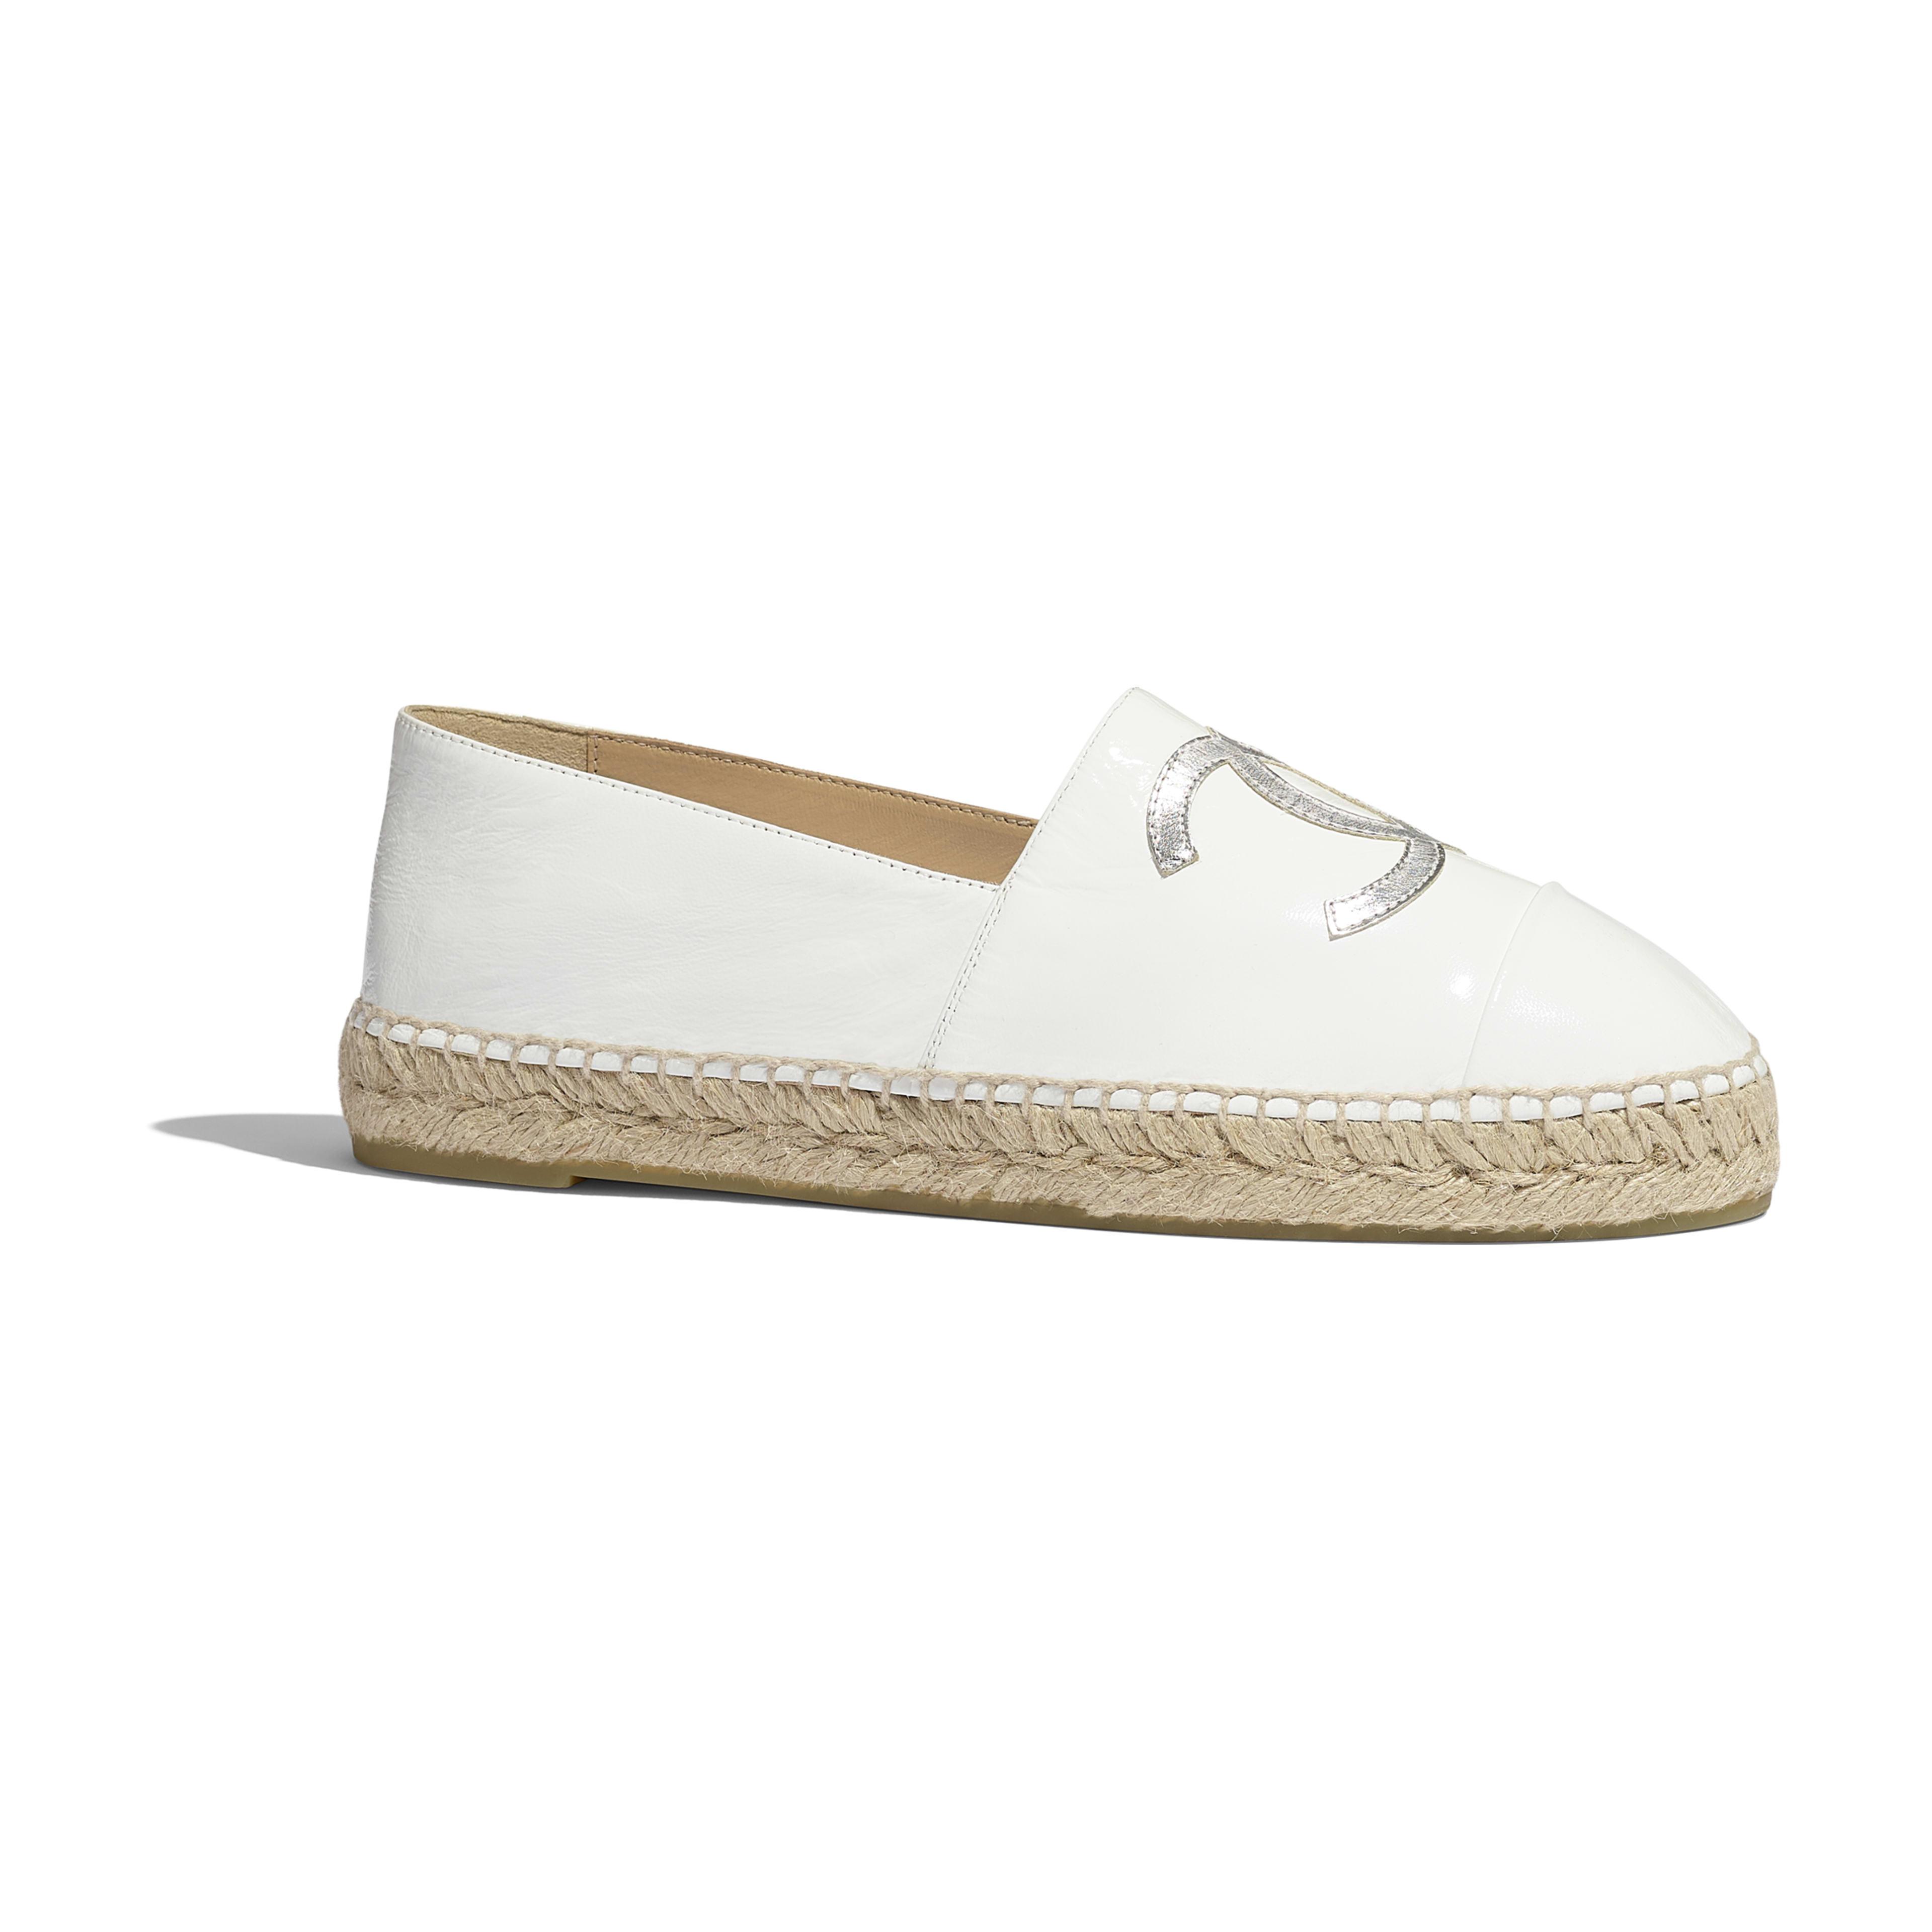 平底草織鞋 - 白及銀色 - 漆面小牛皮及金屬面山羊皮 - 預設視圖 - 查看全尺寸版本